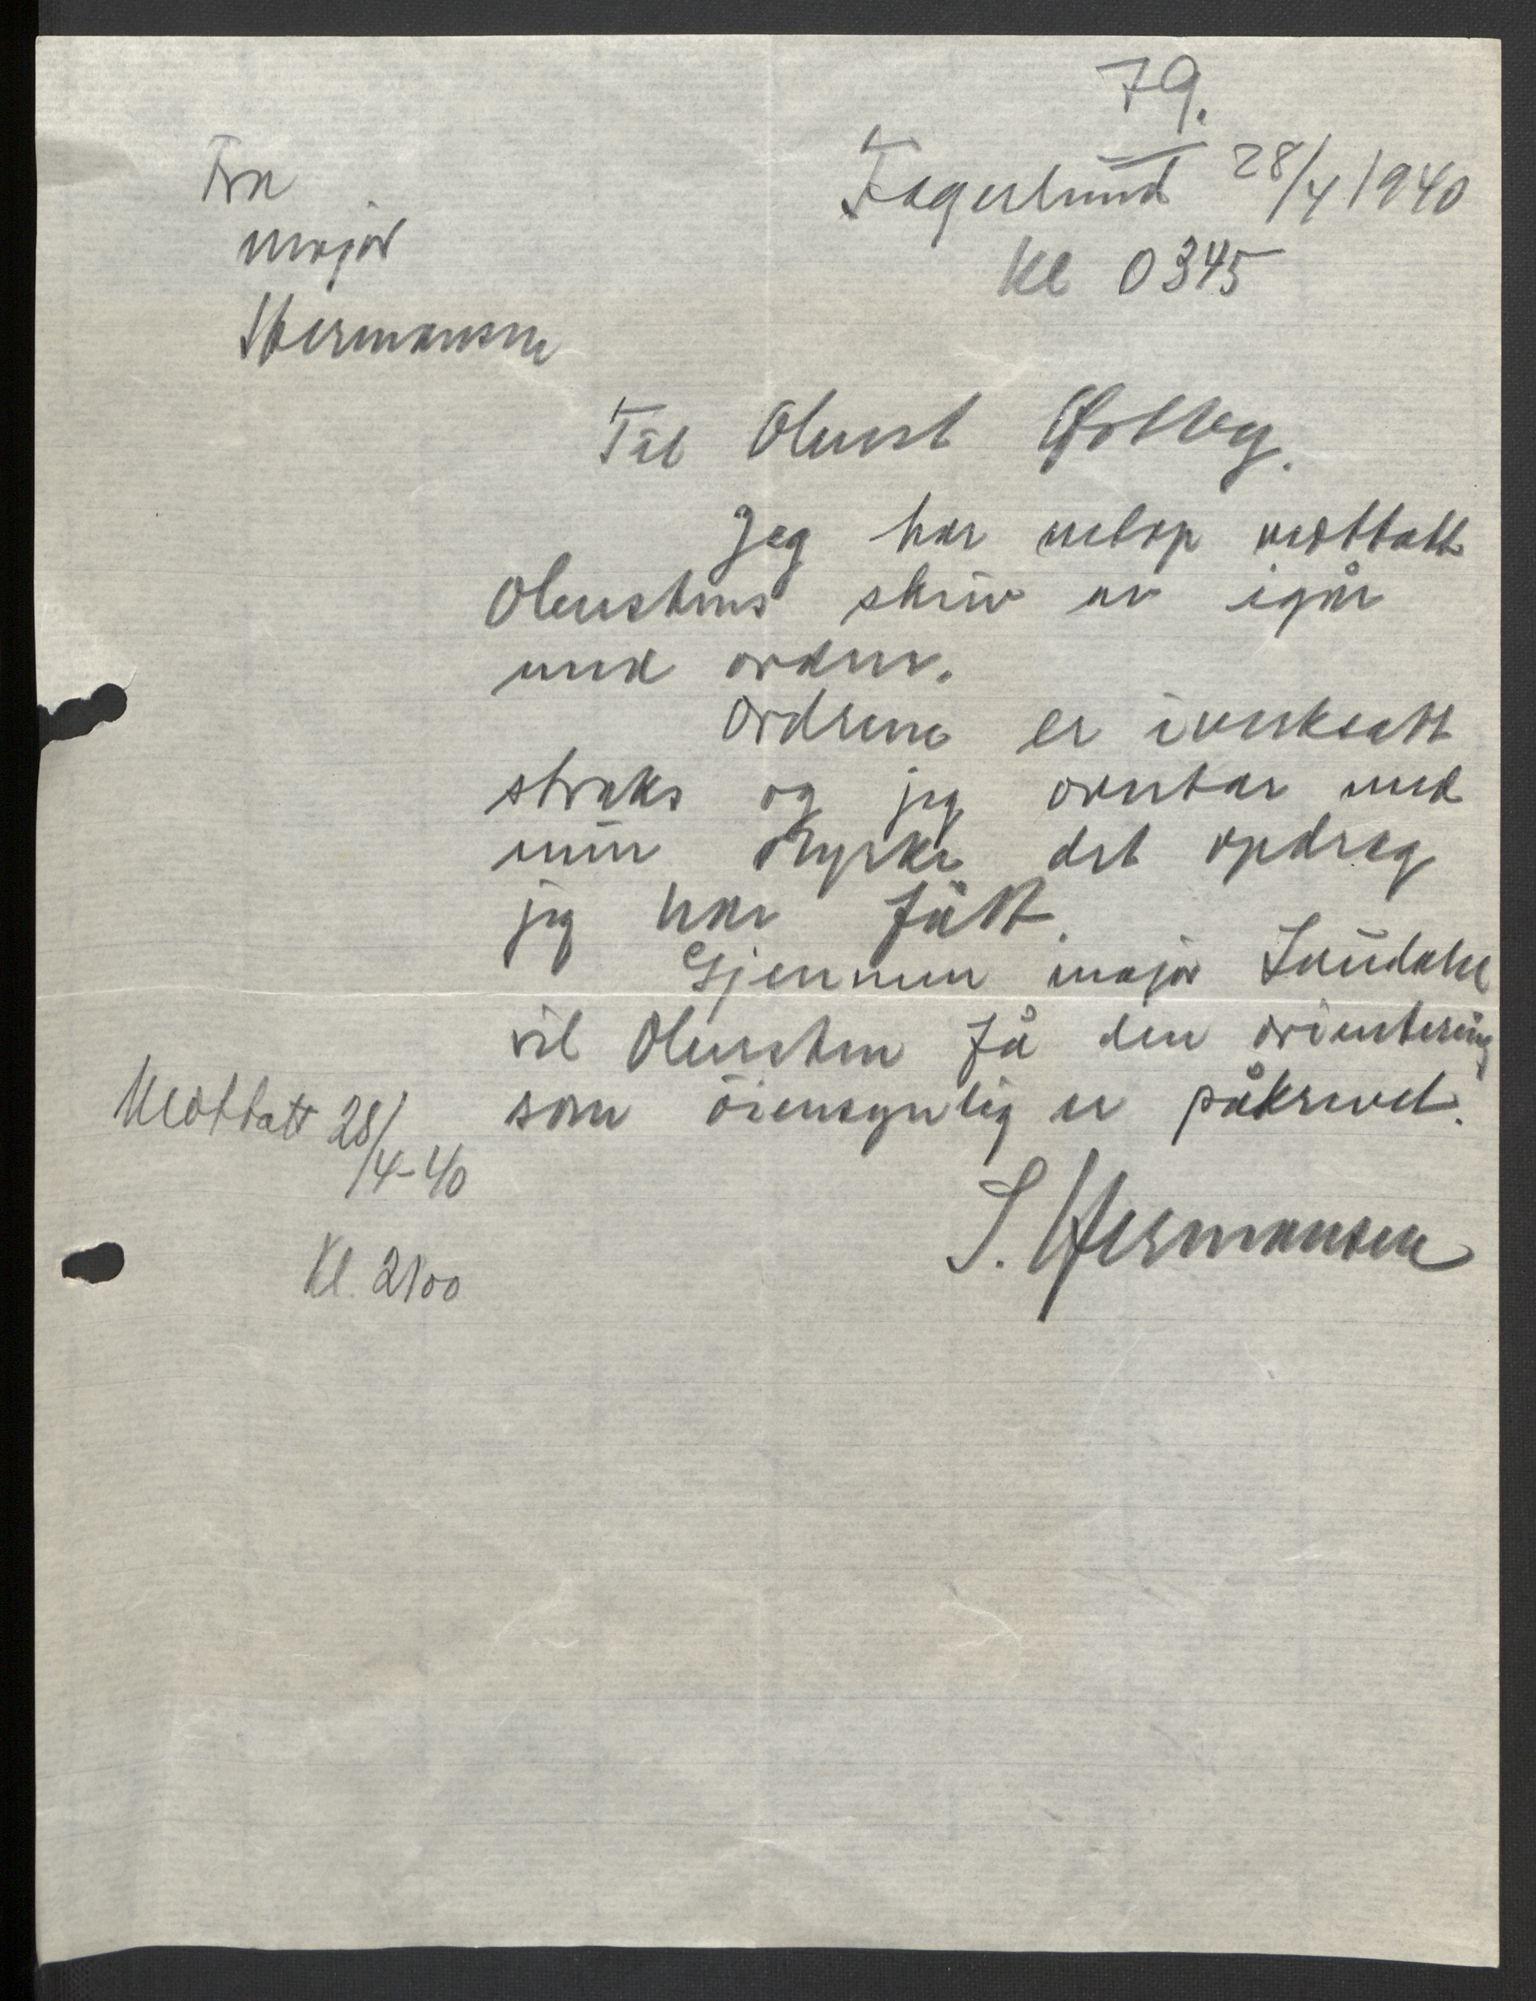 RA, Forsvaret, Forsvarets krigshistoriske avdeling, Y/Yb/L0104: II-C-11-430  -  4. Divisjon., 1940, p. 163